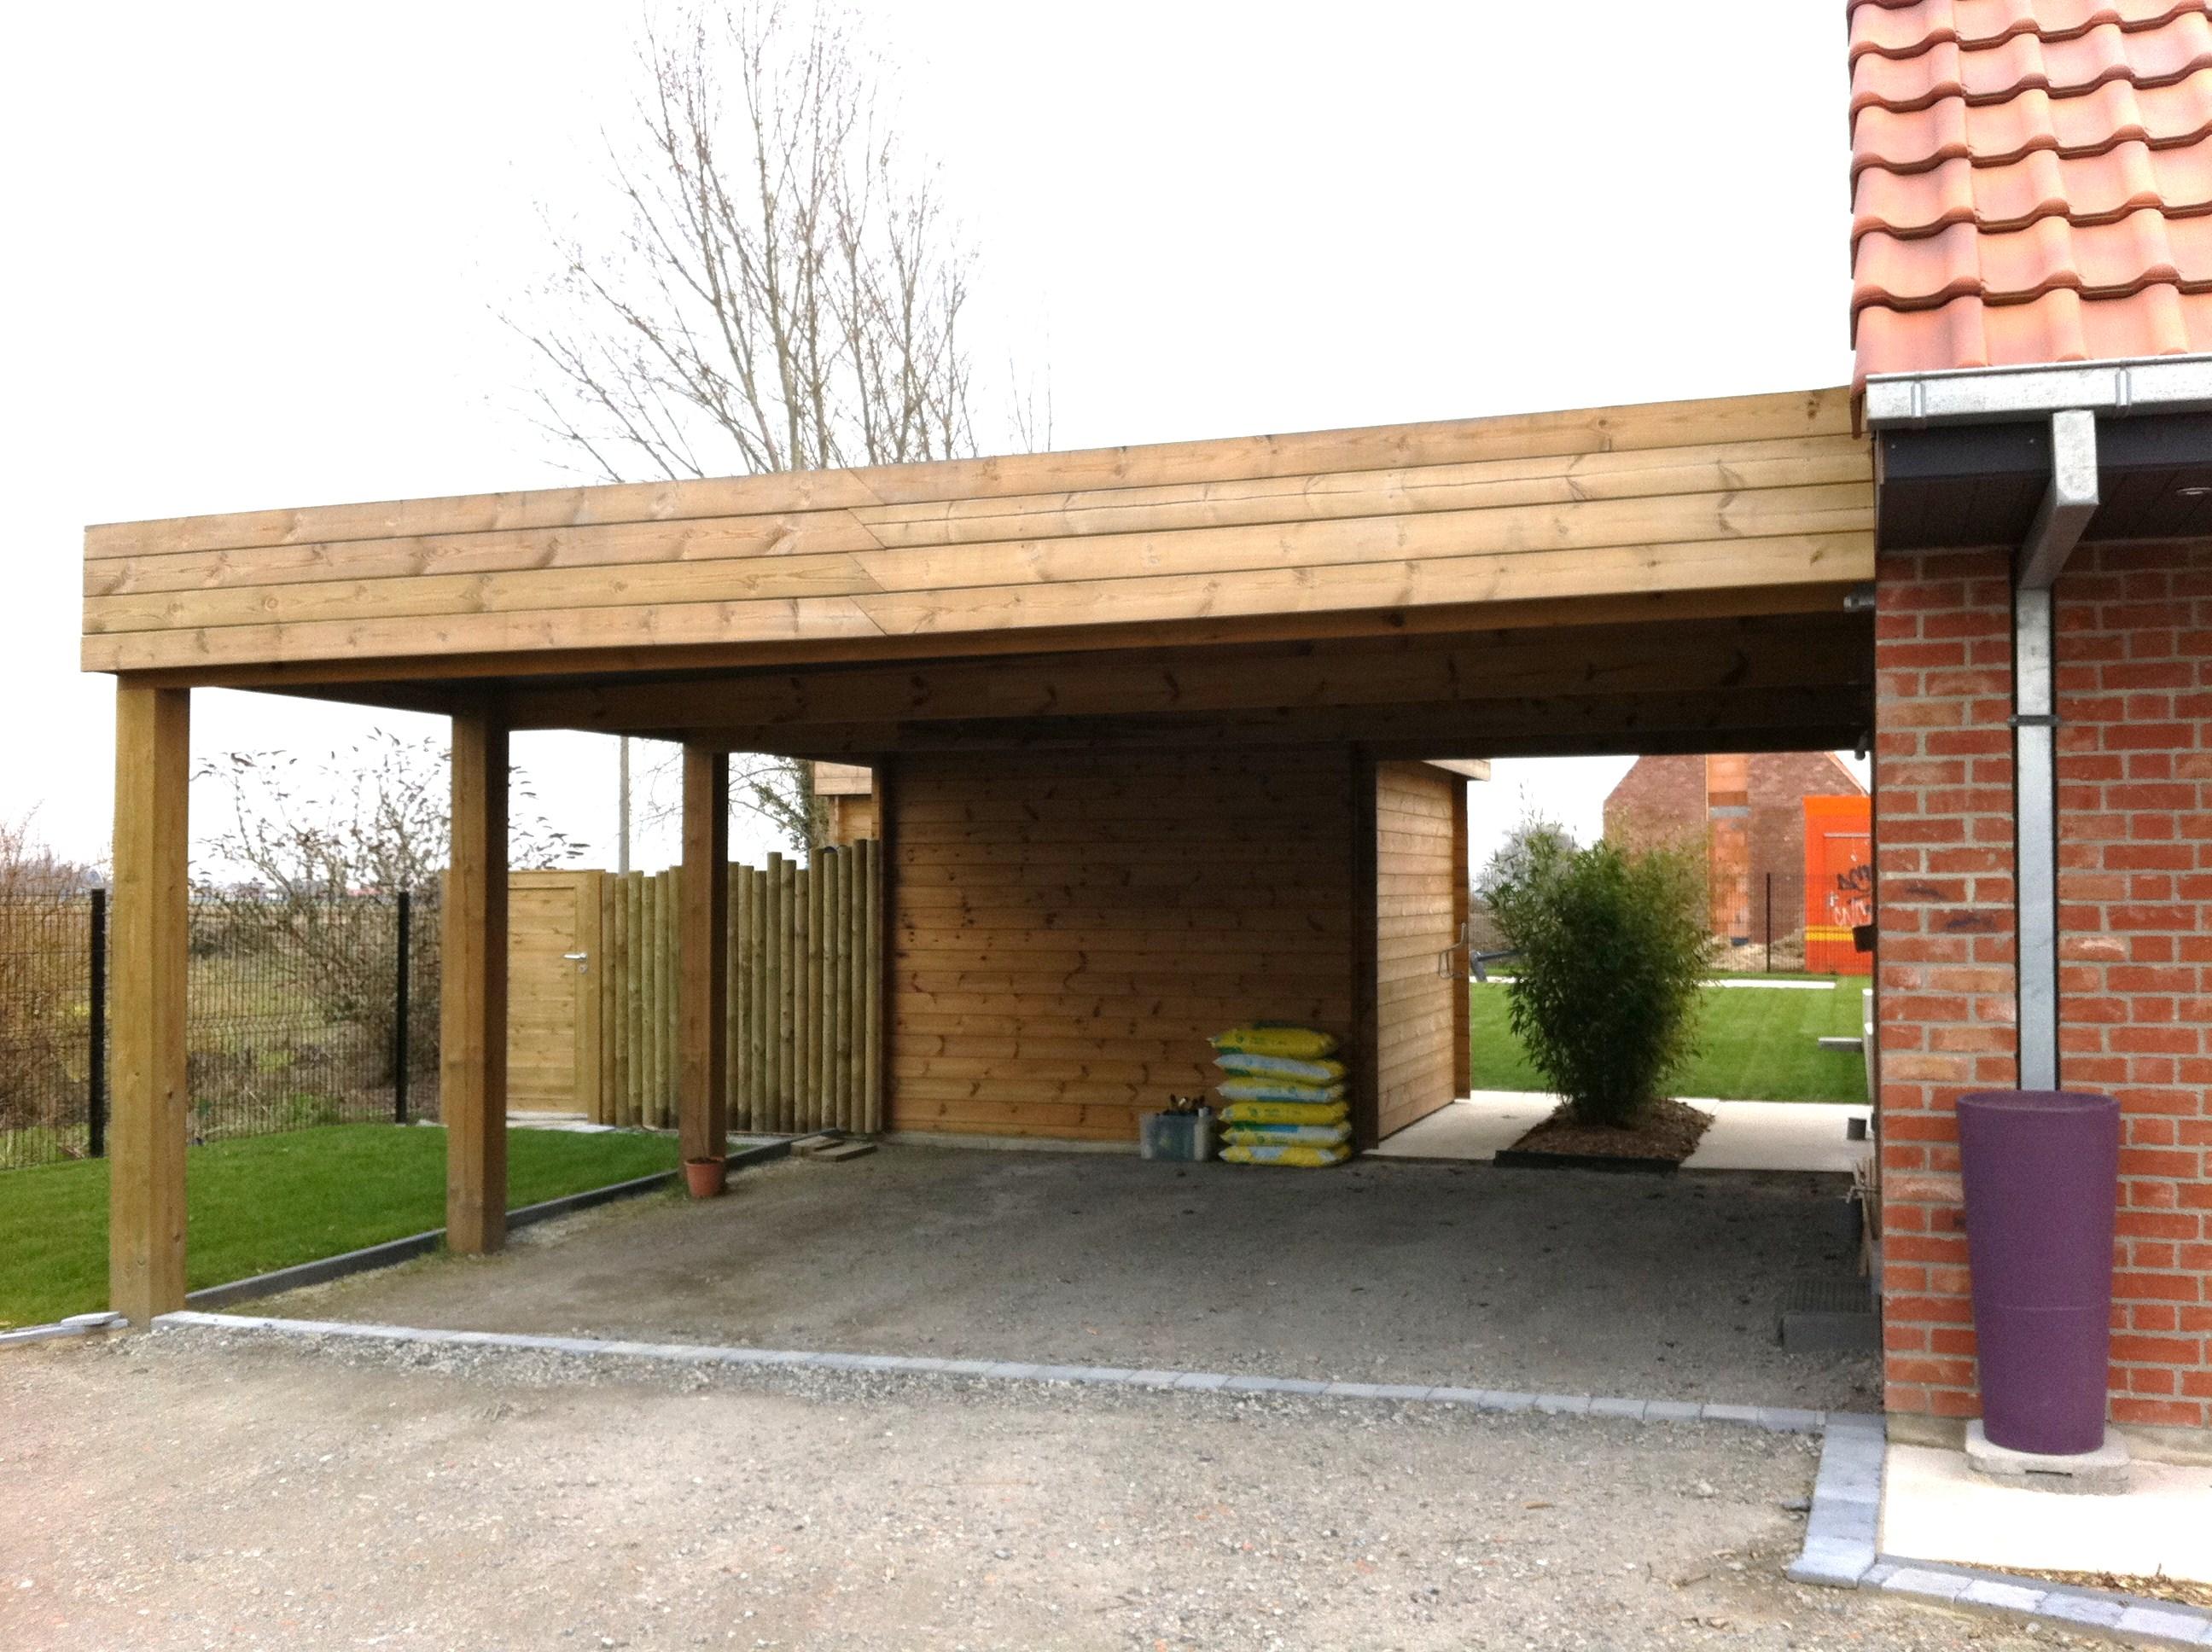 ... bois pour abriter votre voiture - CERISIERCerisier : abris de jardin